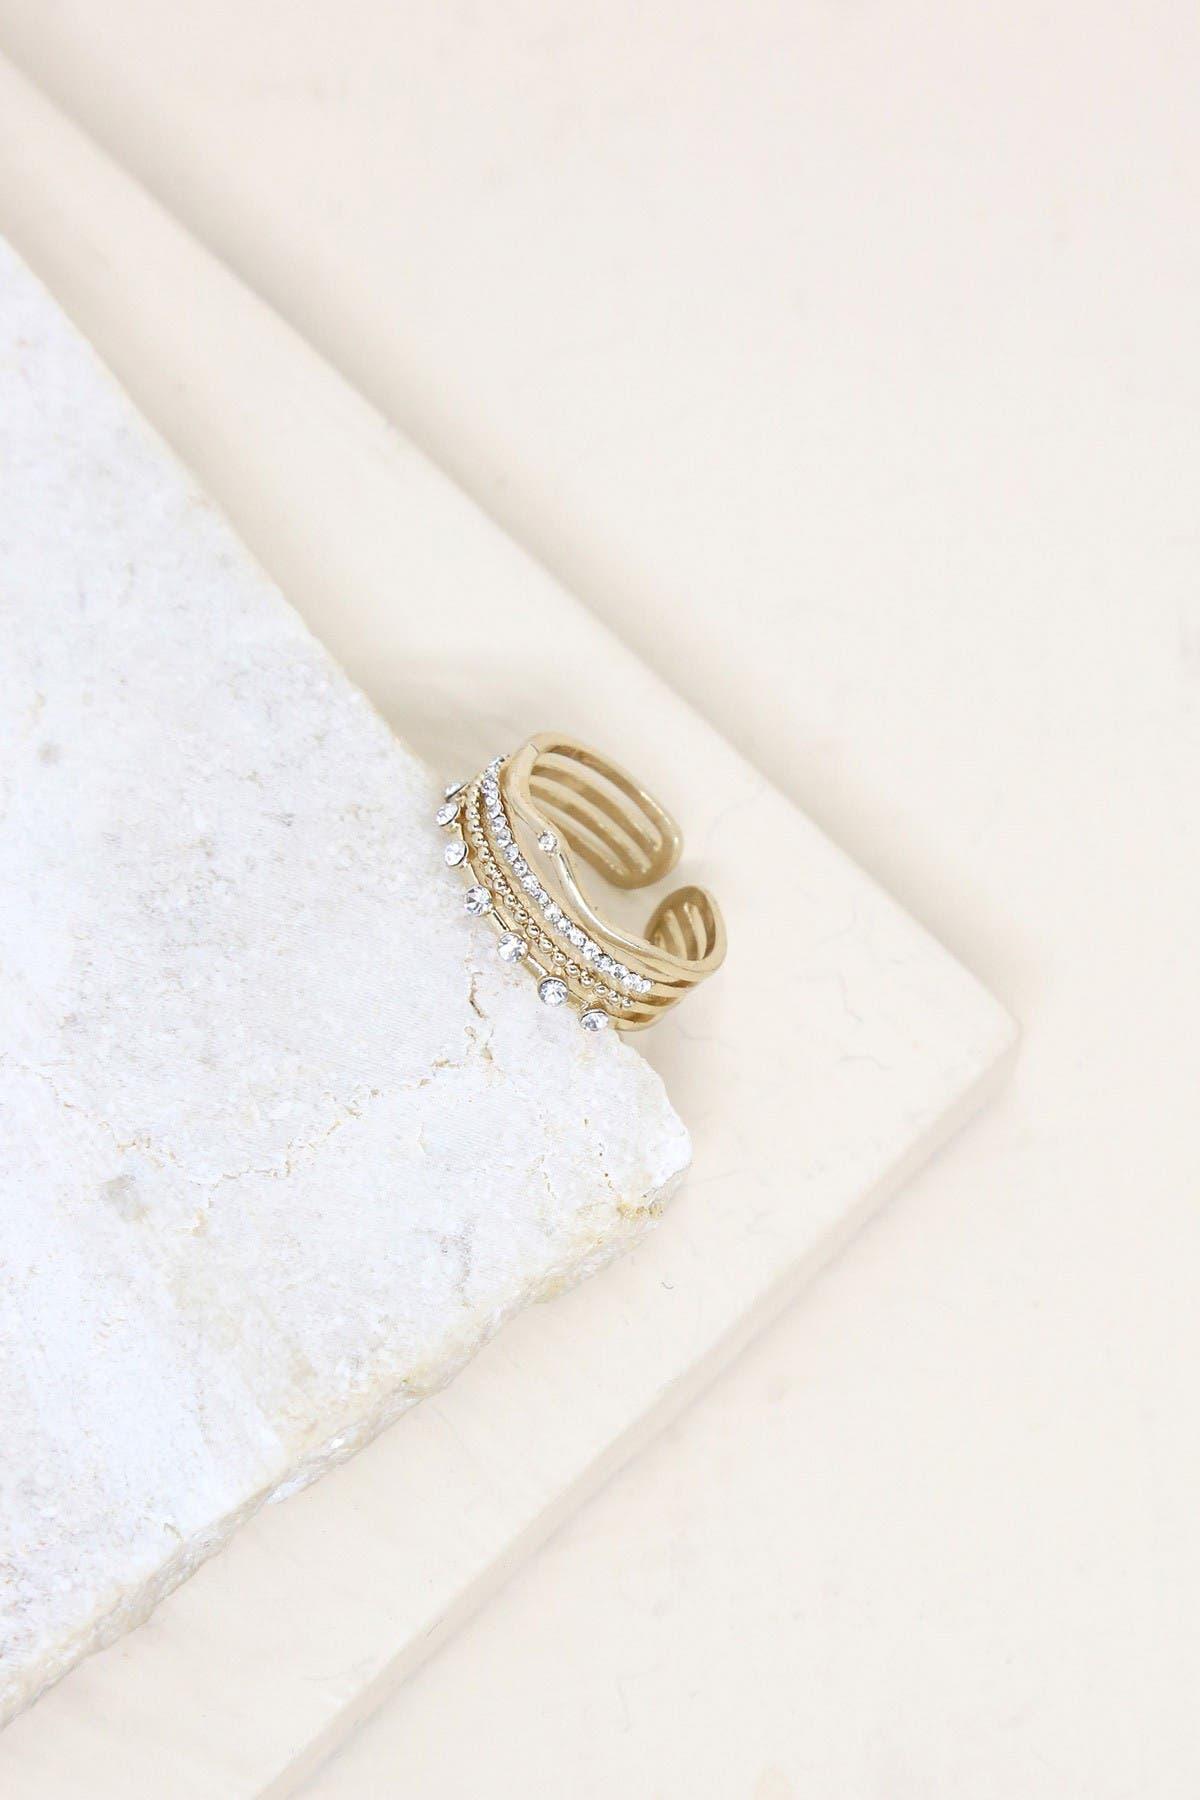 Image of Ettika Multi Stack Crystal Stone Ring Set - Size 8